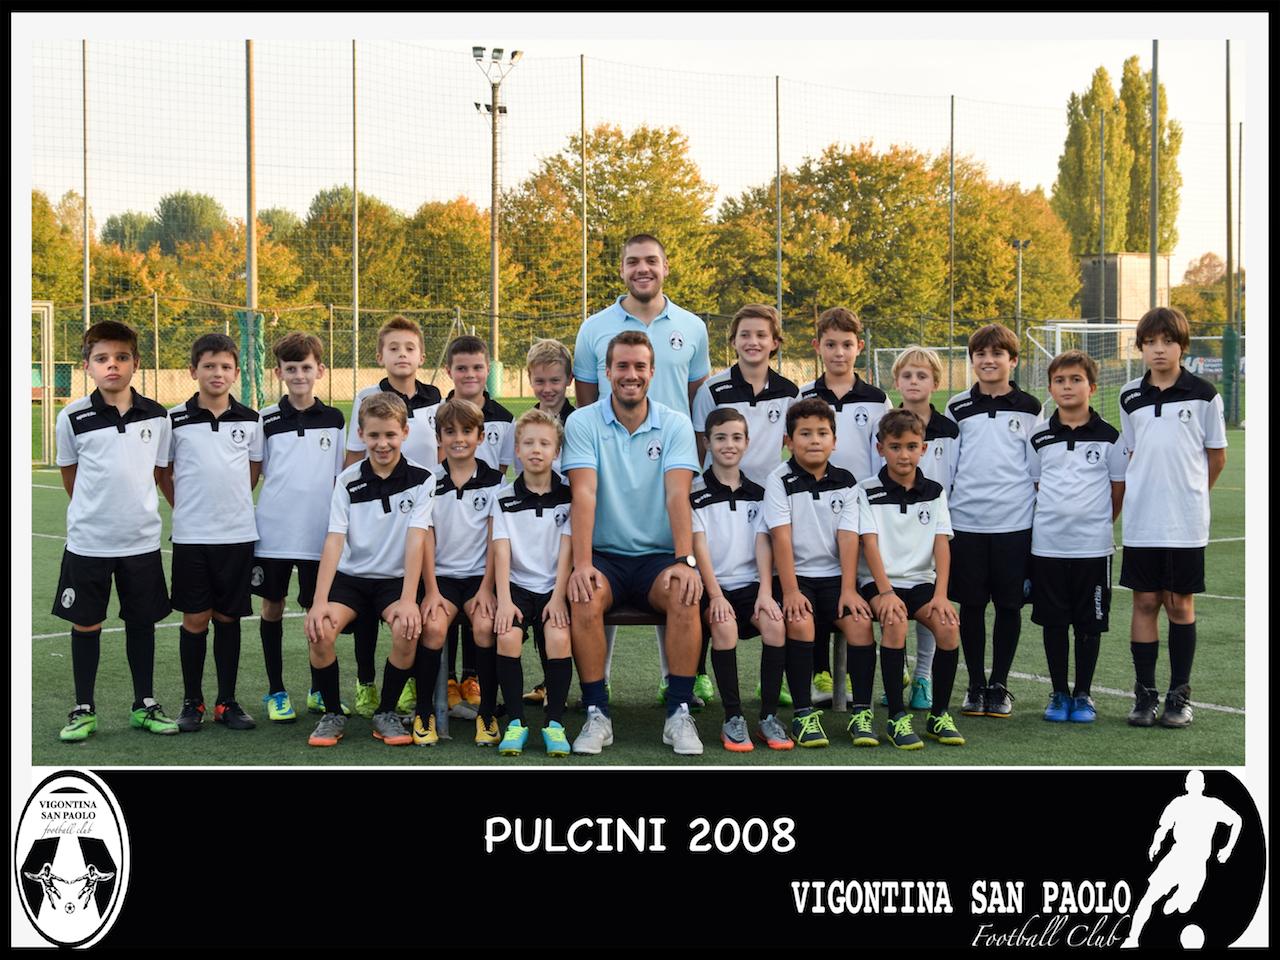 2008 Pulcini